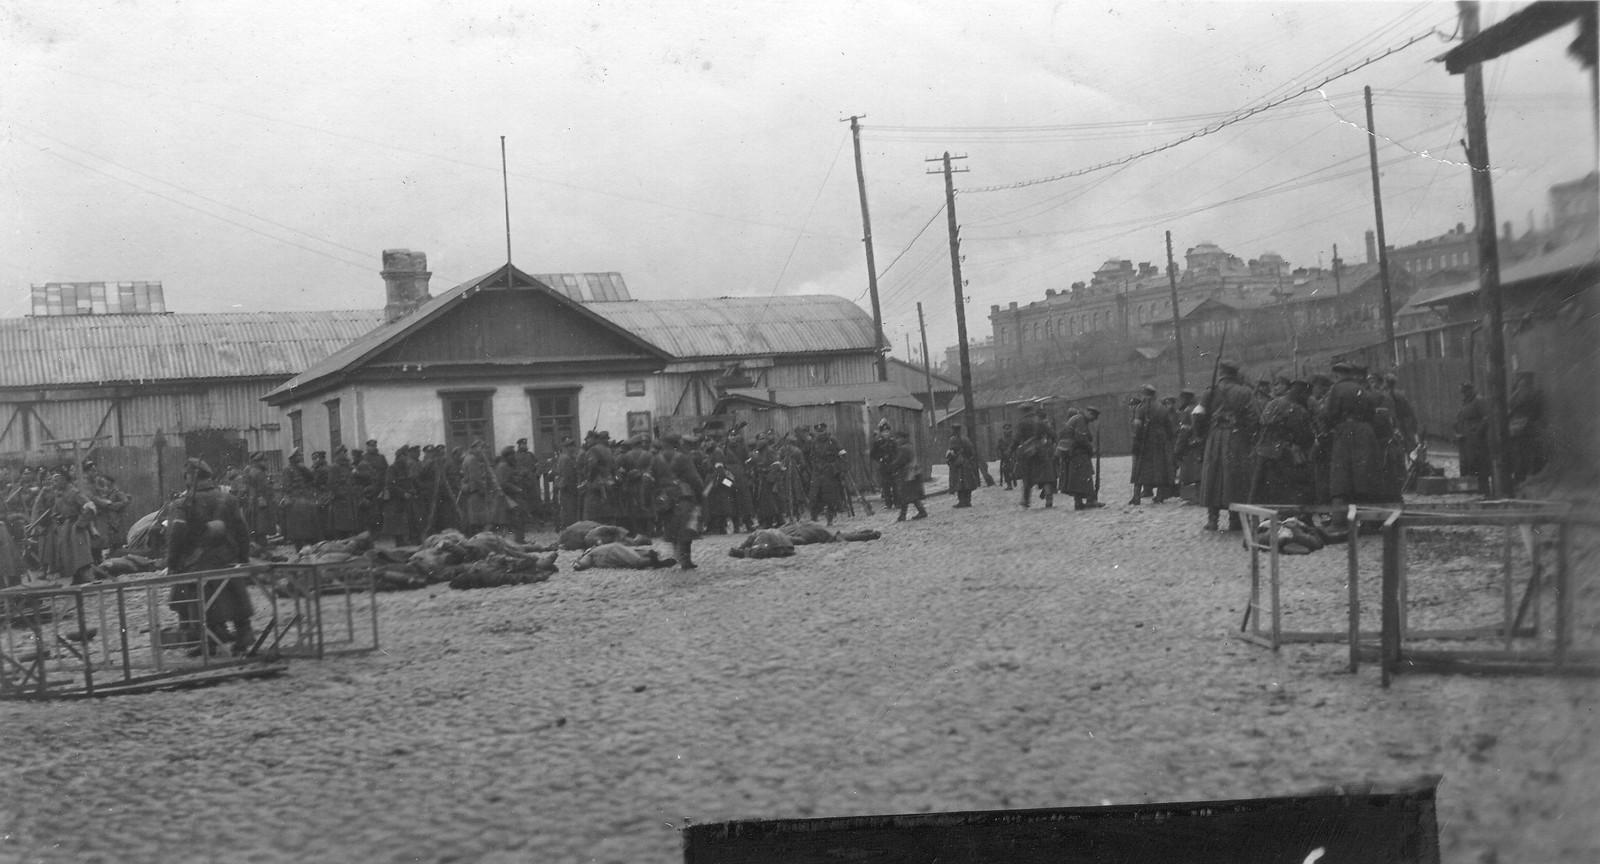 Гайдовцы, уцелевшие на Нижней Портовой, бросились на территорию коммерческого порта, где были добиты юнкерами. 18.11.